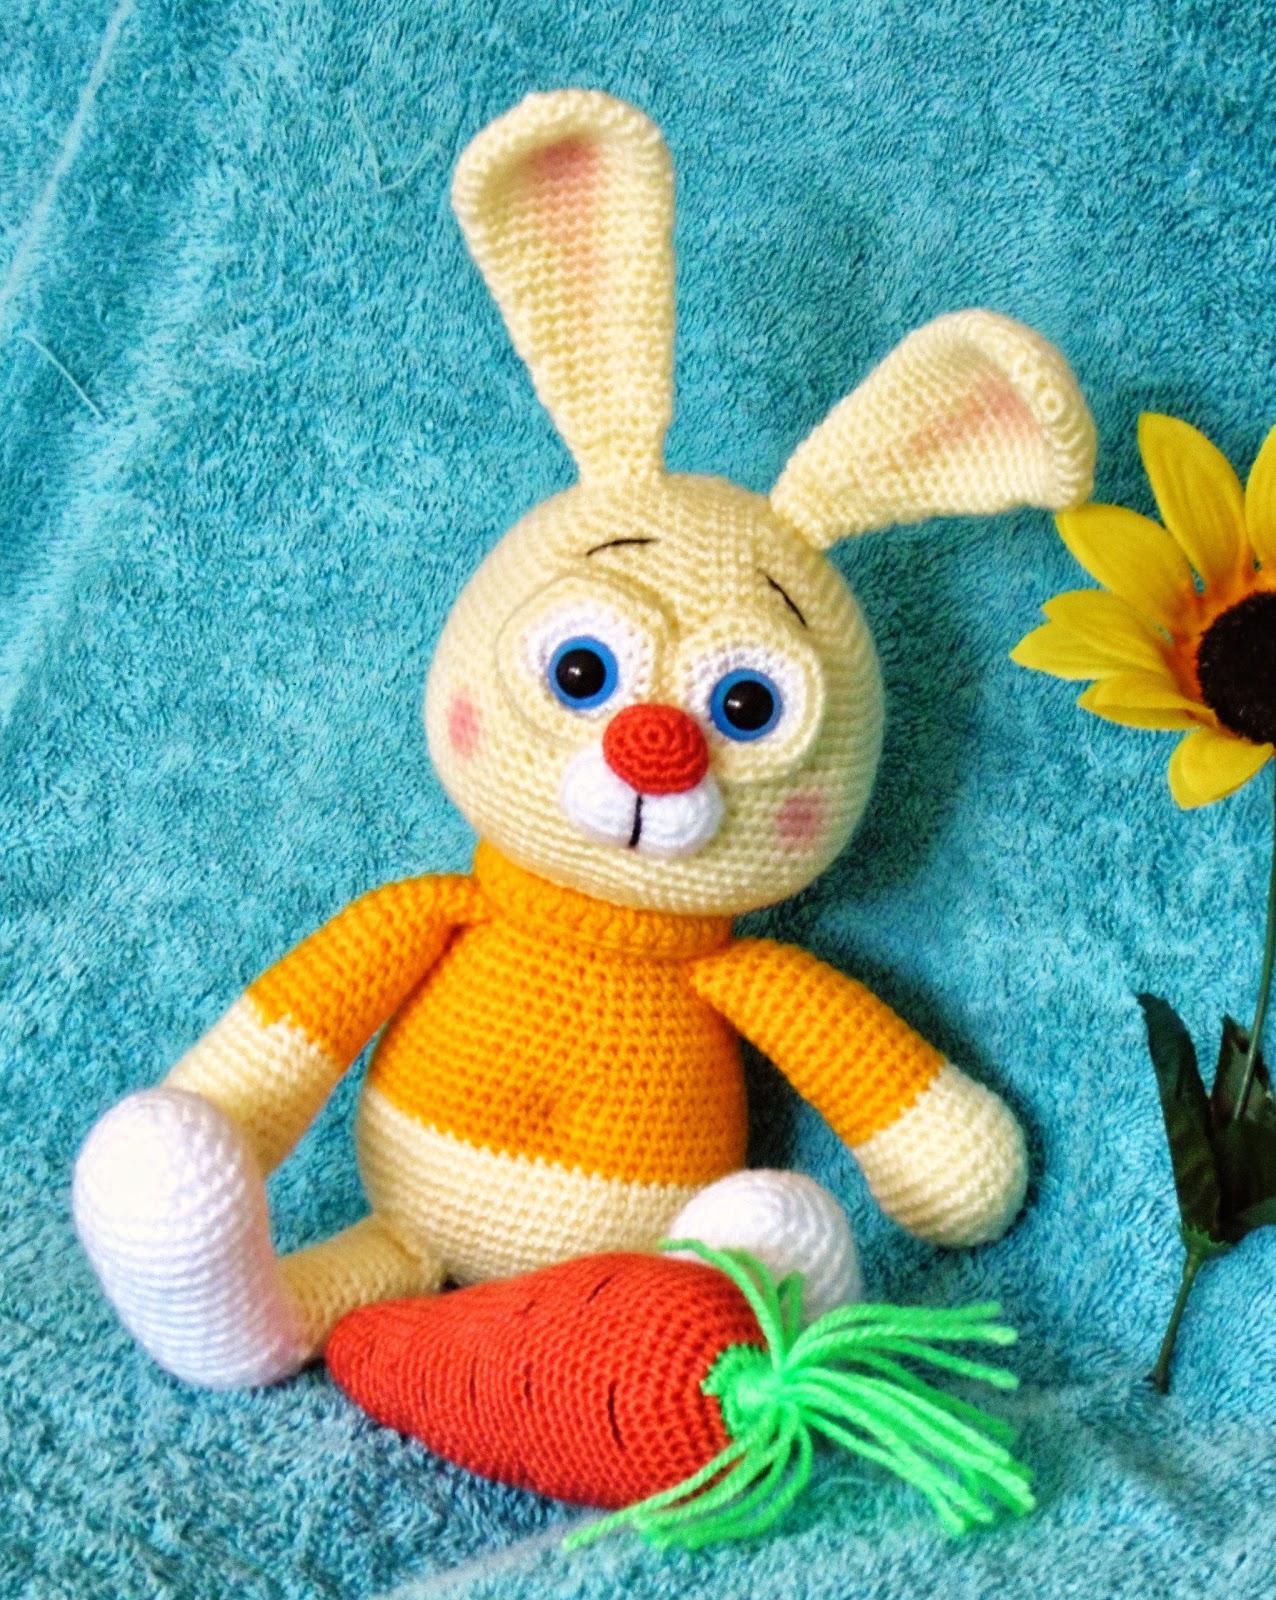 Jänku porgandi kõrinaga.Bunny with carrot rattle.